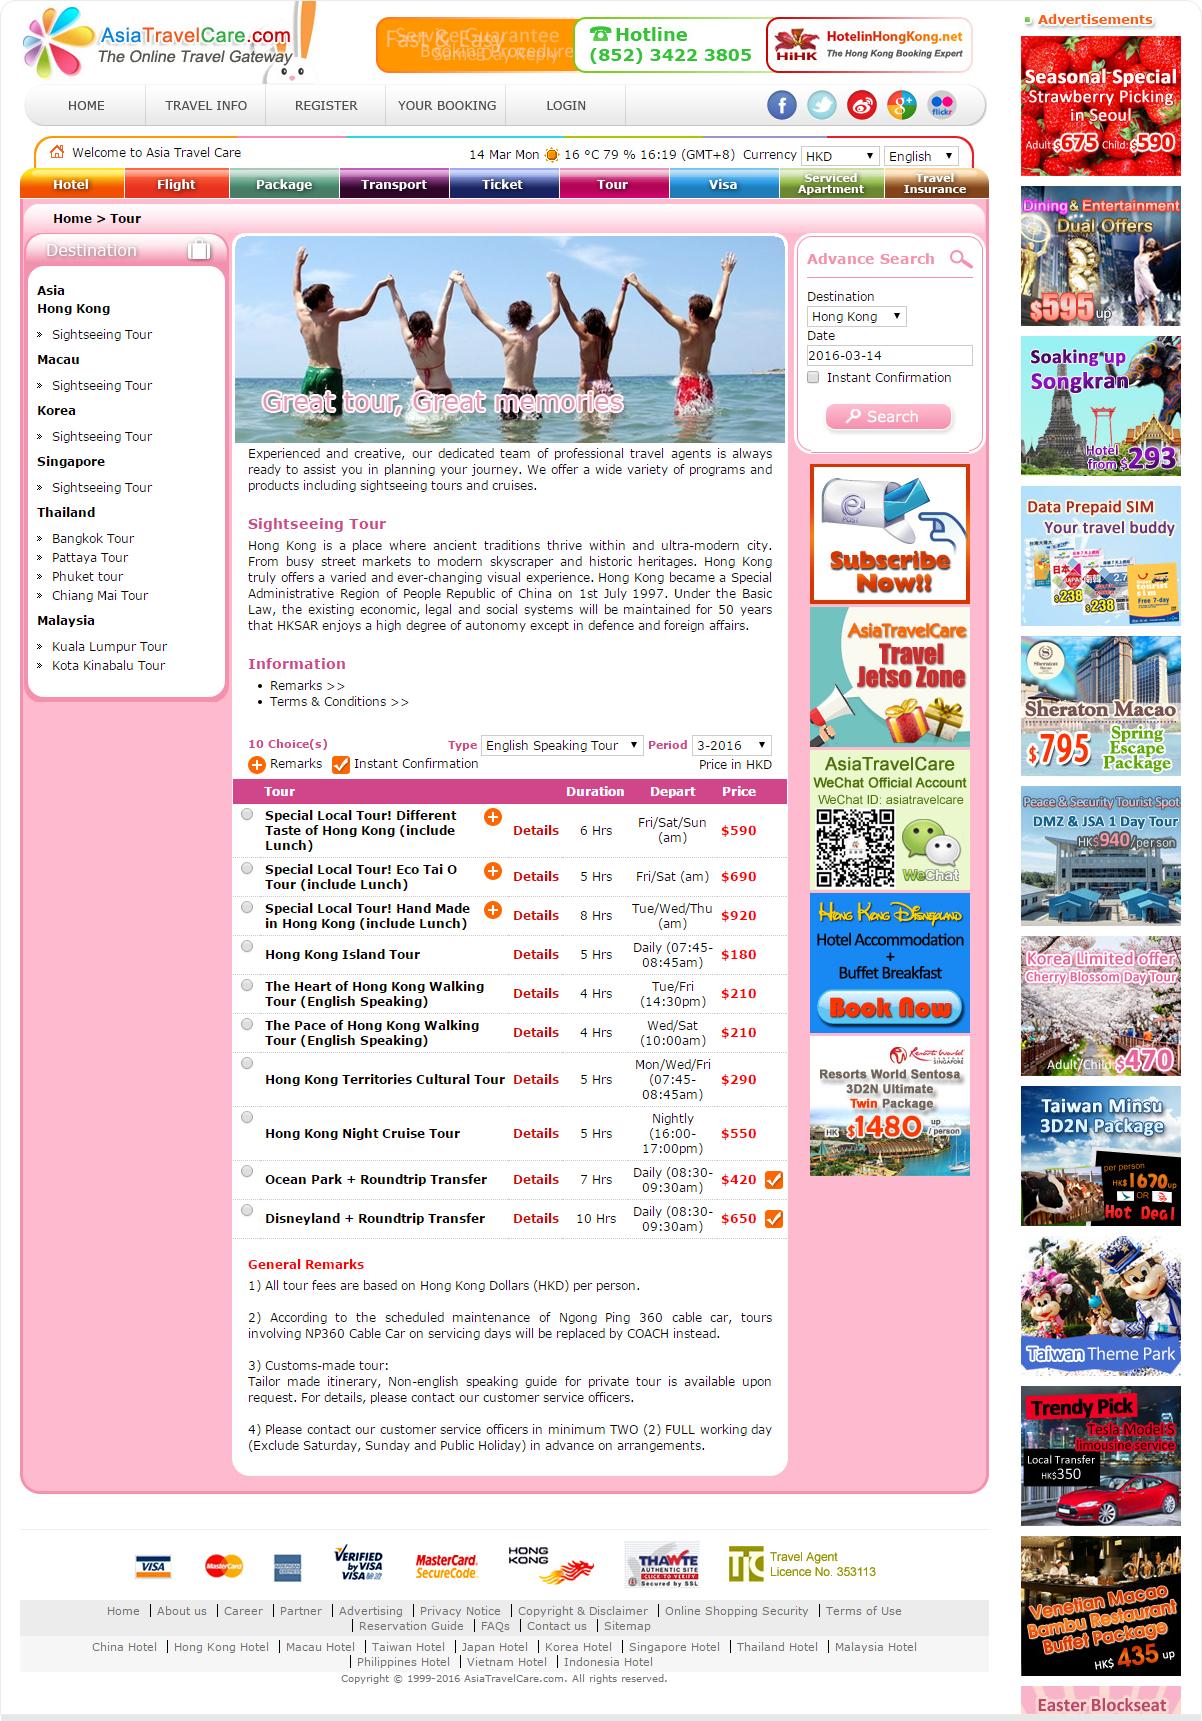 AsiaTravelCare.com